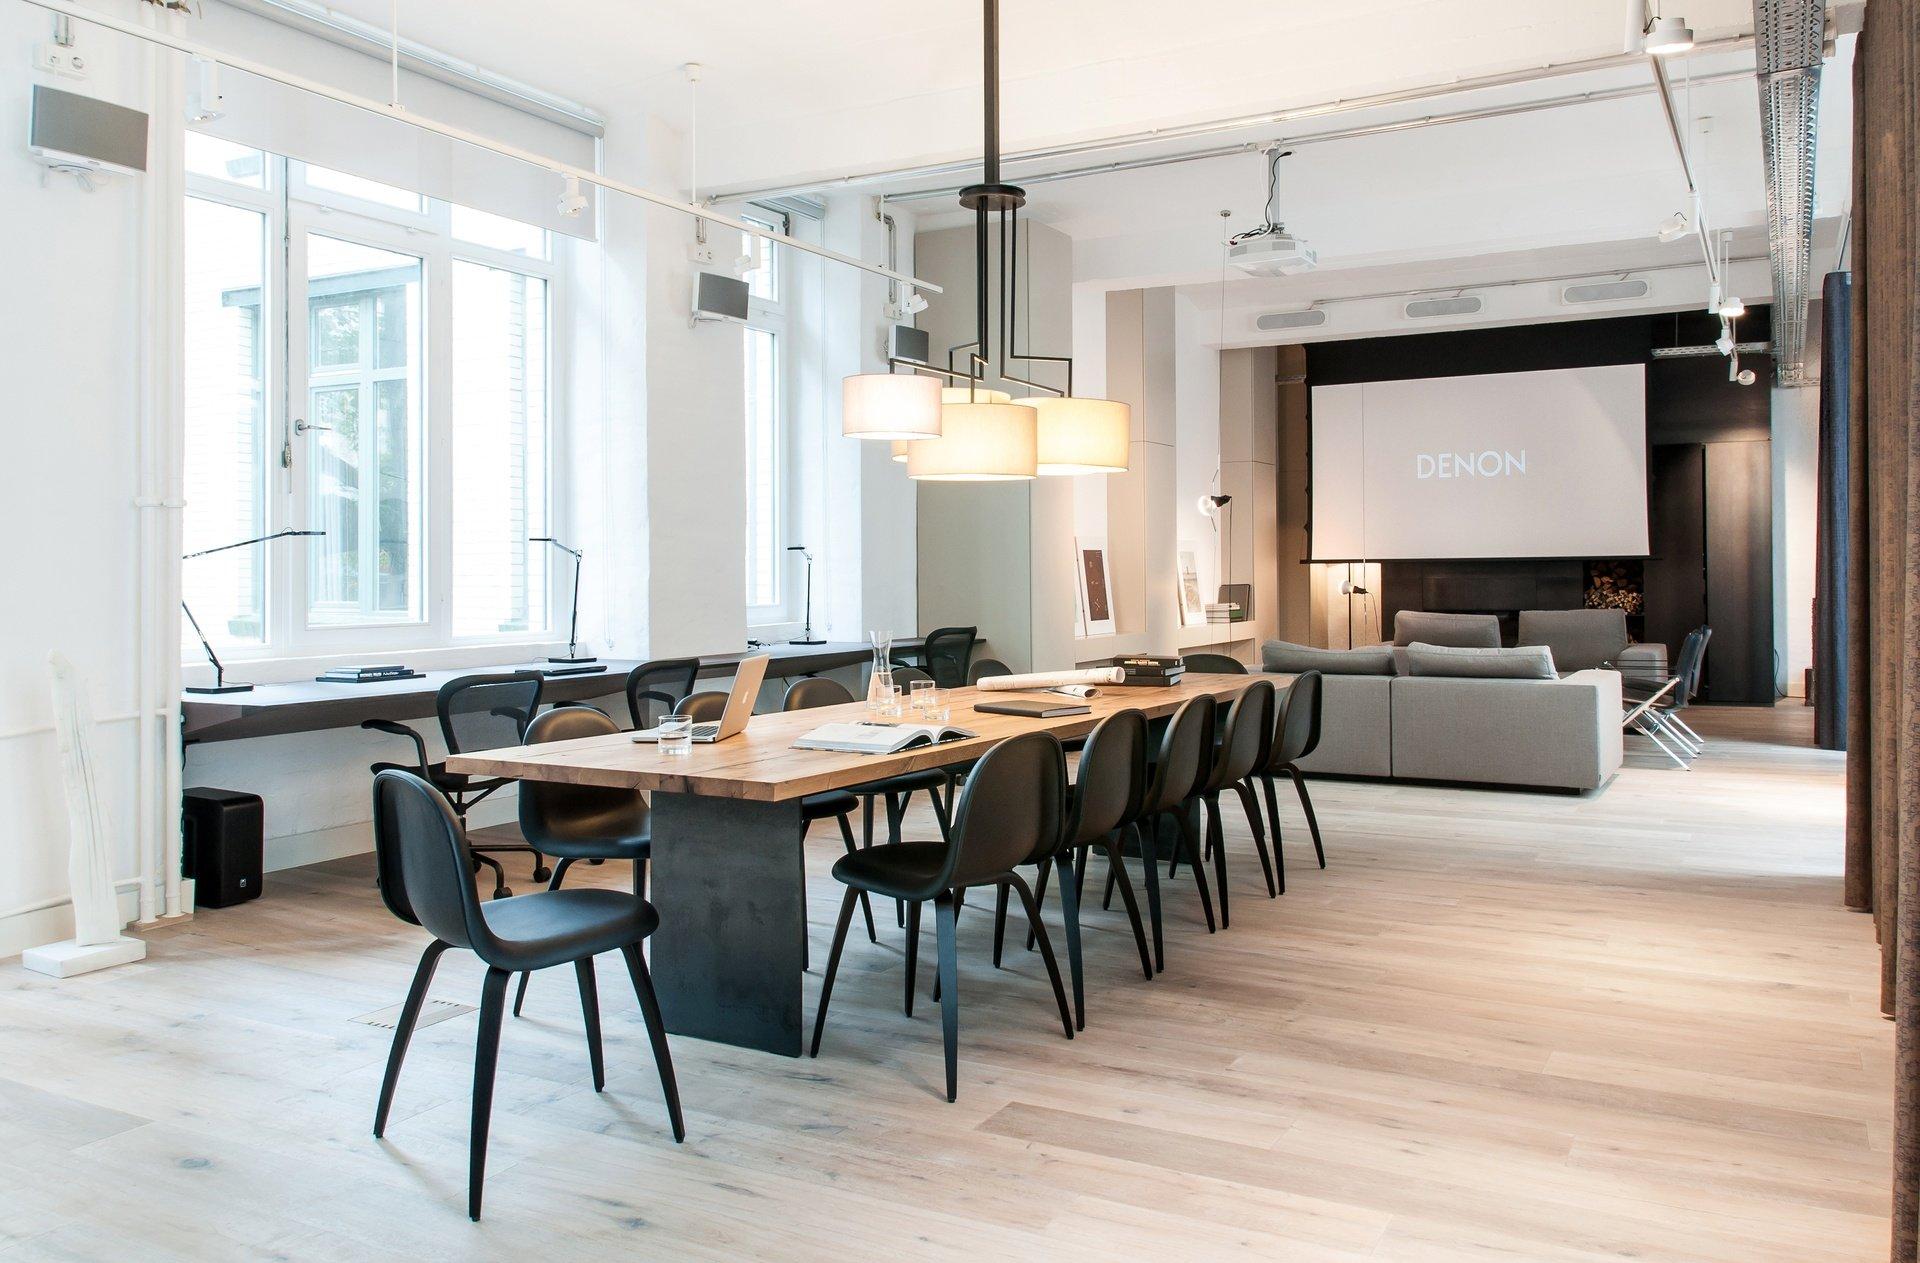 Berlin workshop spaces Private residence Oranien.10 image 0